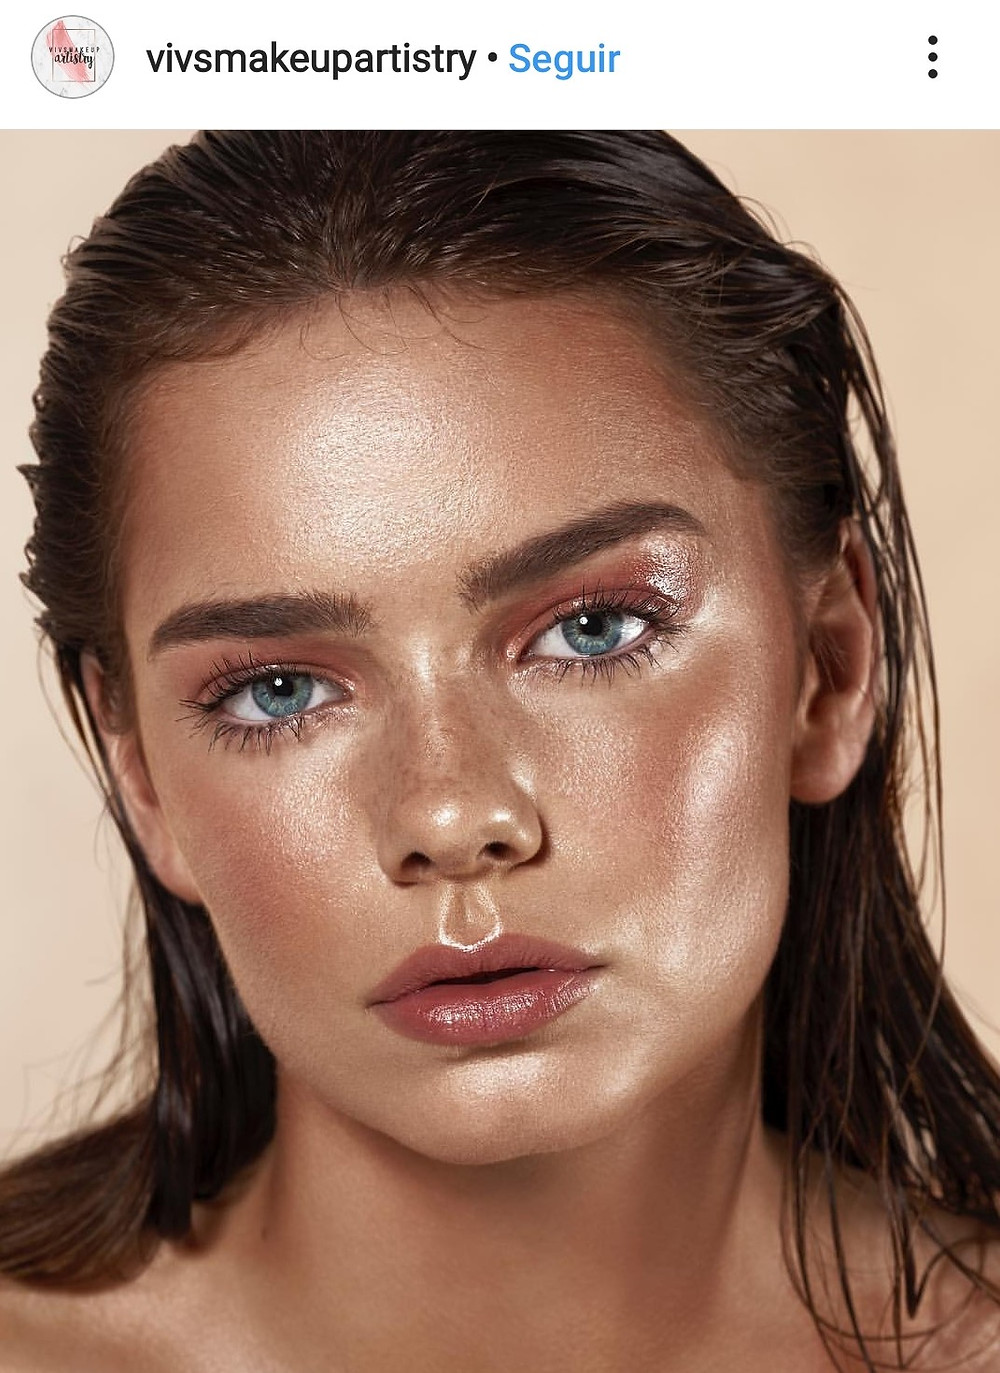 summer trend tendencias verano 2019 maquillaje humedo wet makeup look blogger moist